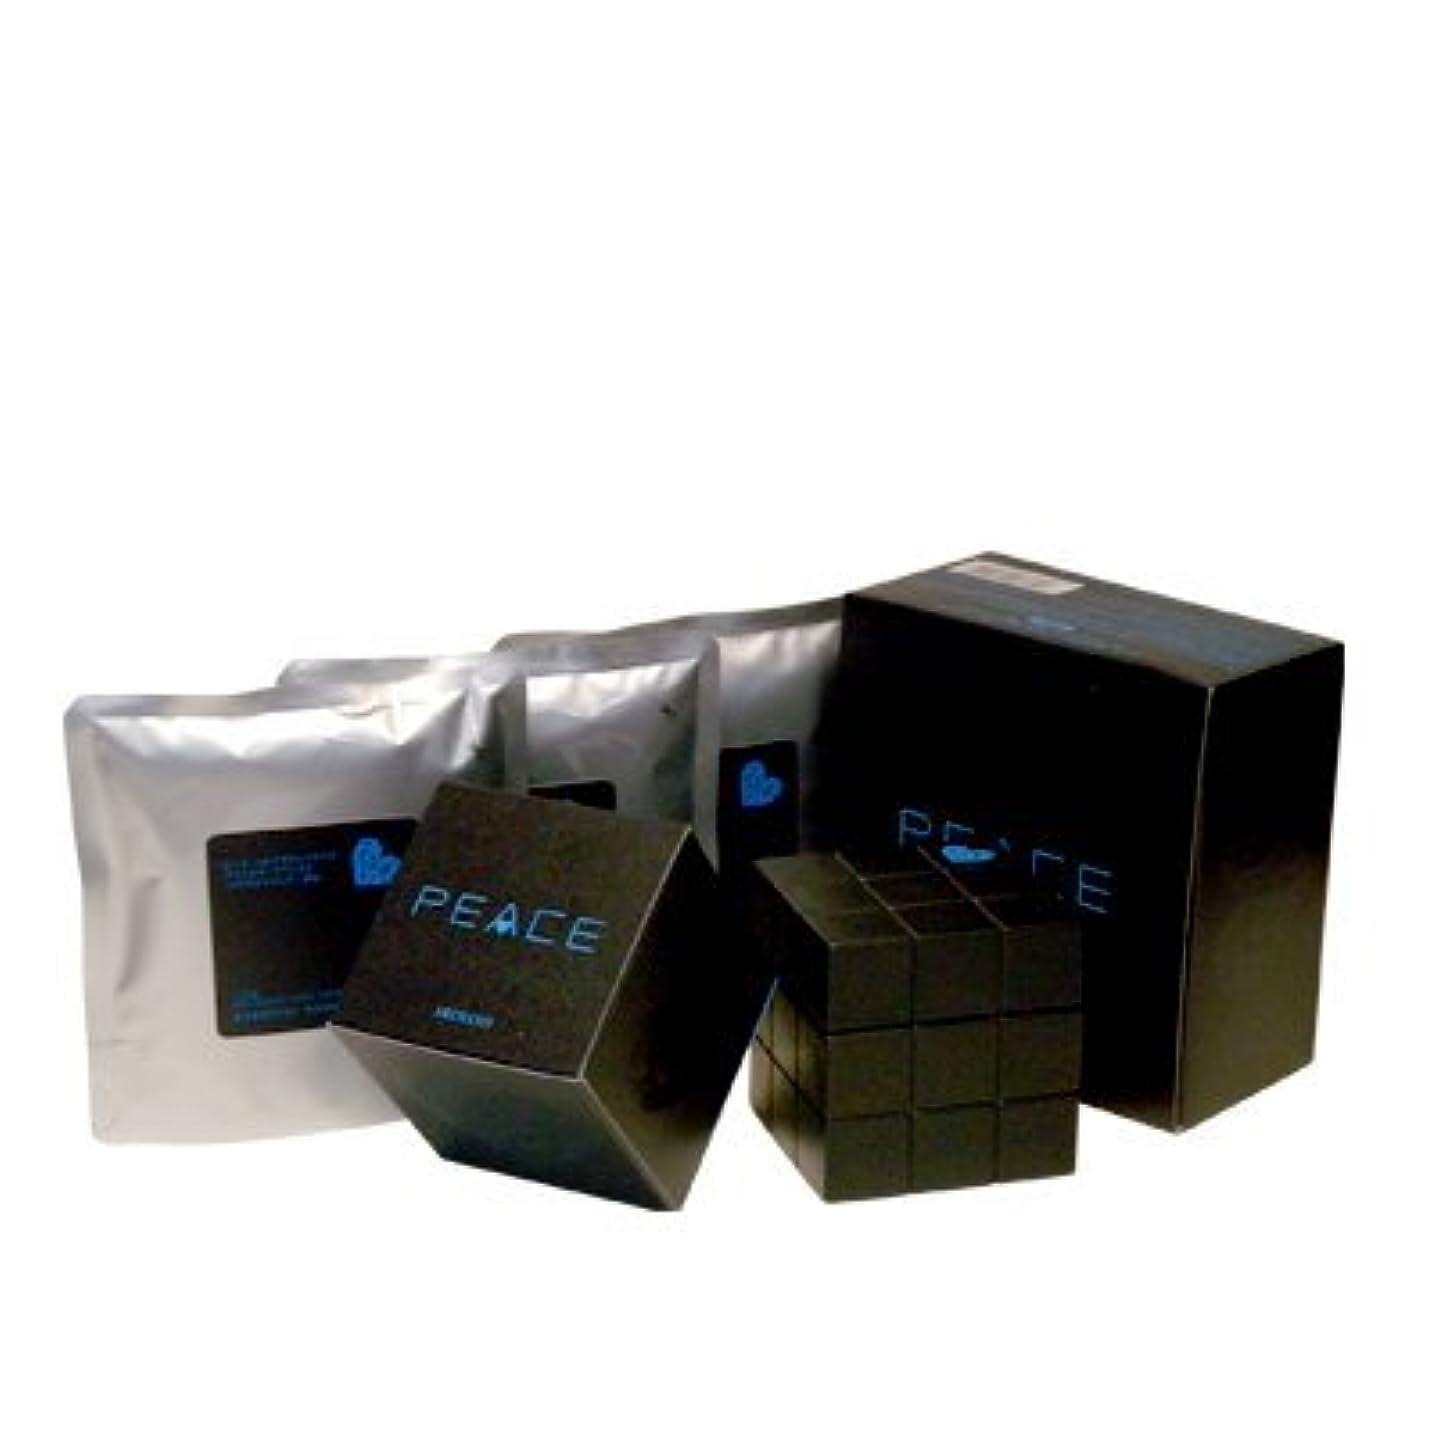 徹底心理的滴下アリミノ ピース プロデザインシリーズ フリーズキープワックス ブラック80g+詰め替え80g×3